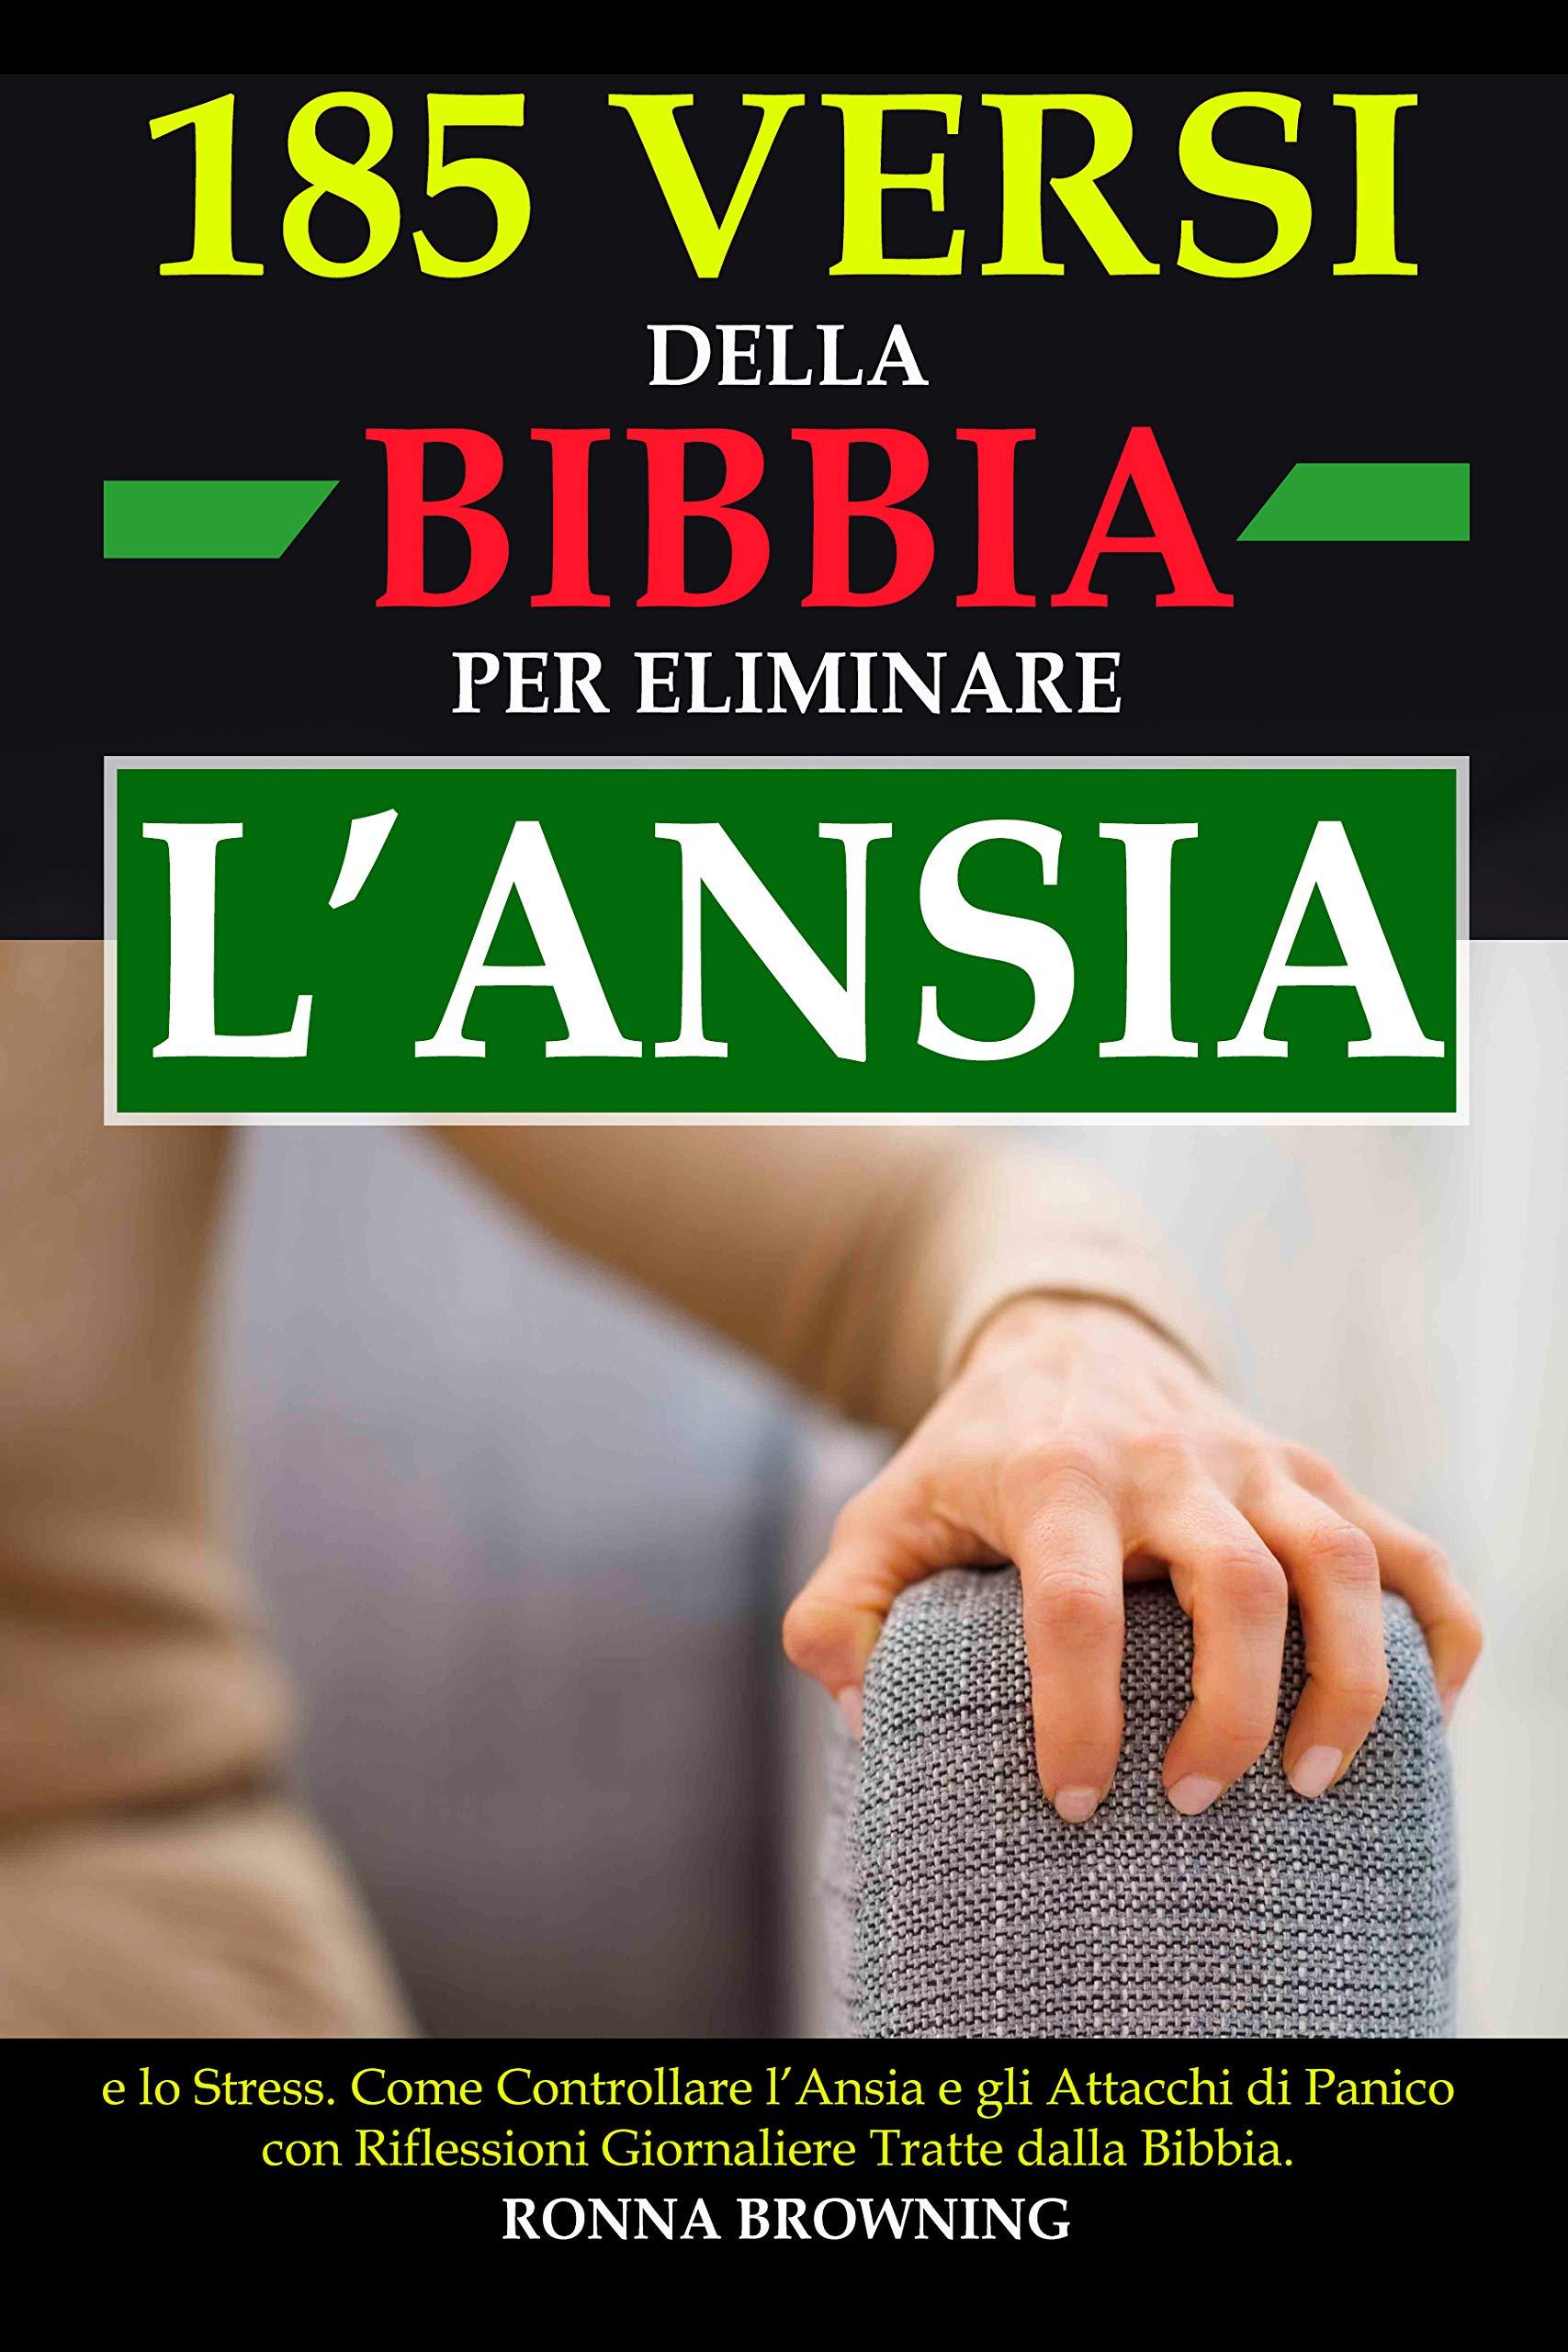 185 Versi della Bibbia per Eliminare l'Ansia e lo Stress: Come Controllare l'Ansia e gli Attacchi di Panico con Riflessioni Giornaliere Tratte dalla Bibbia di Ronna Browning